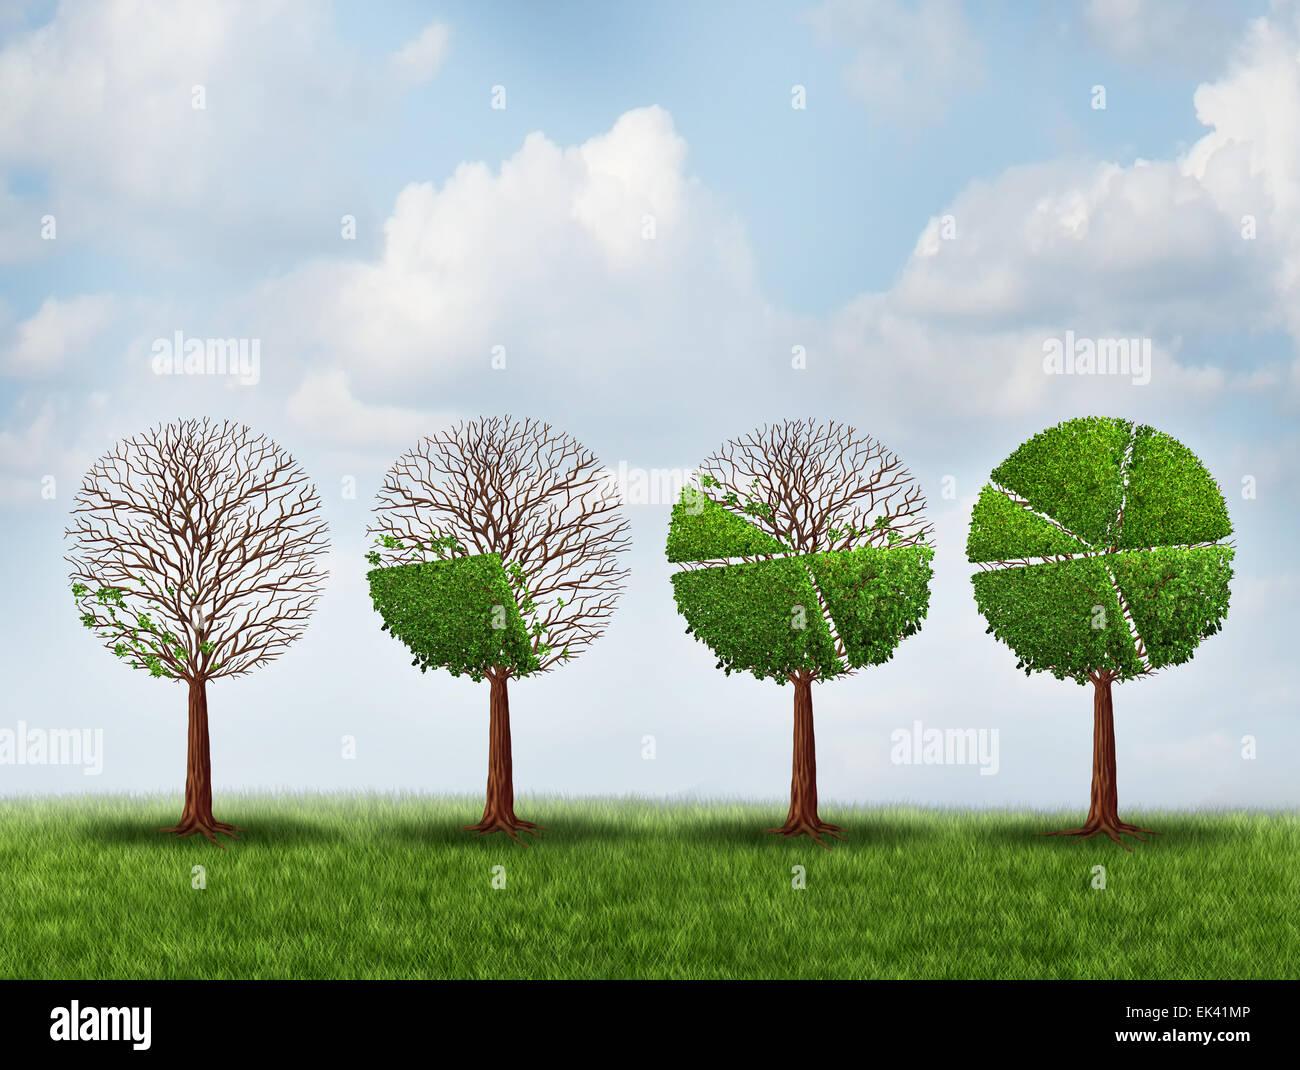 La prosperidad económica concepto financiero como un grupo de árboles verdes en forma de gráfico Imagen De Stock